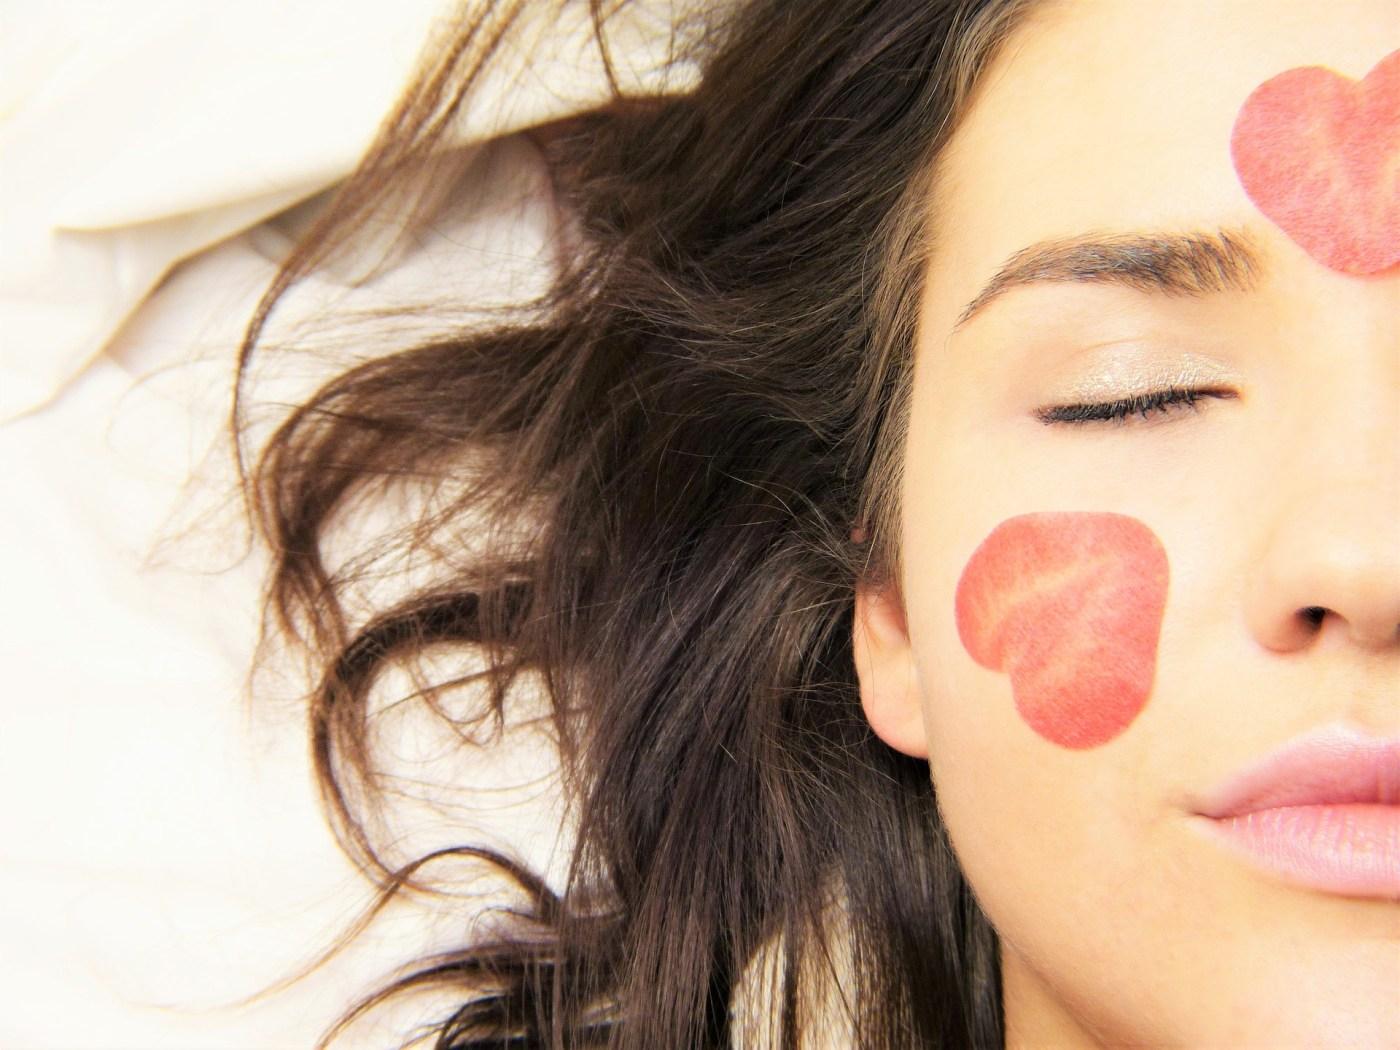 Soin pour visage gras Kenté Sky Spa, serialfoodie, blog, reviews, spa, cote d'ivoire